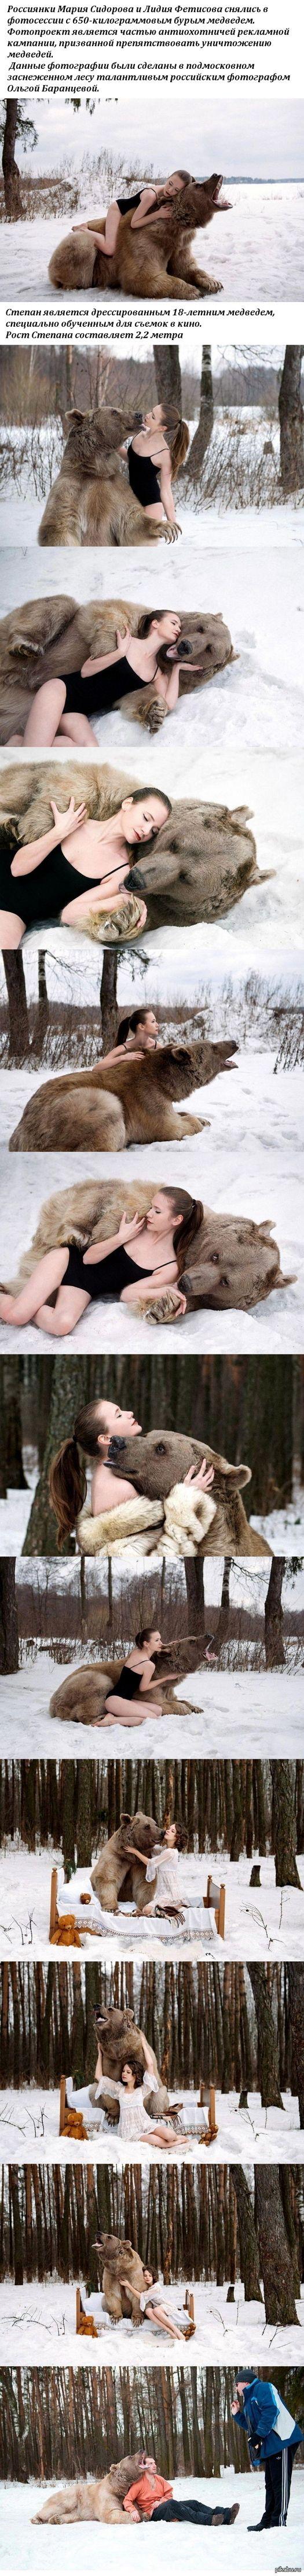 Фотографии моделей с 650-килограммовым медведем в заснеженном лесу   животные, медведь, фотосессия, длиннопост